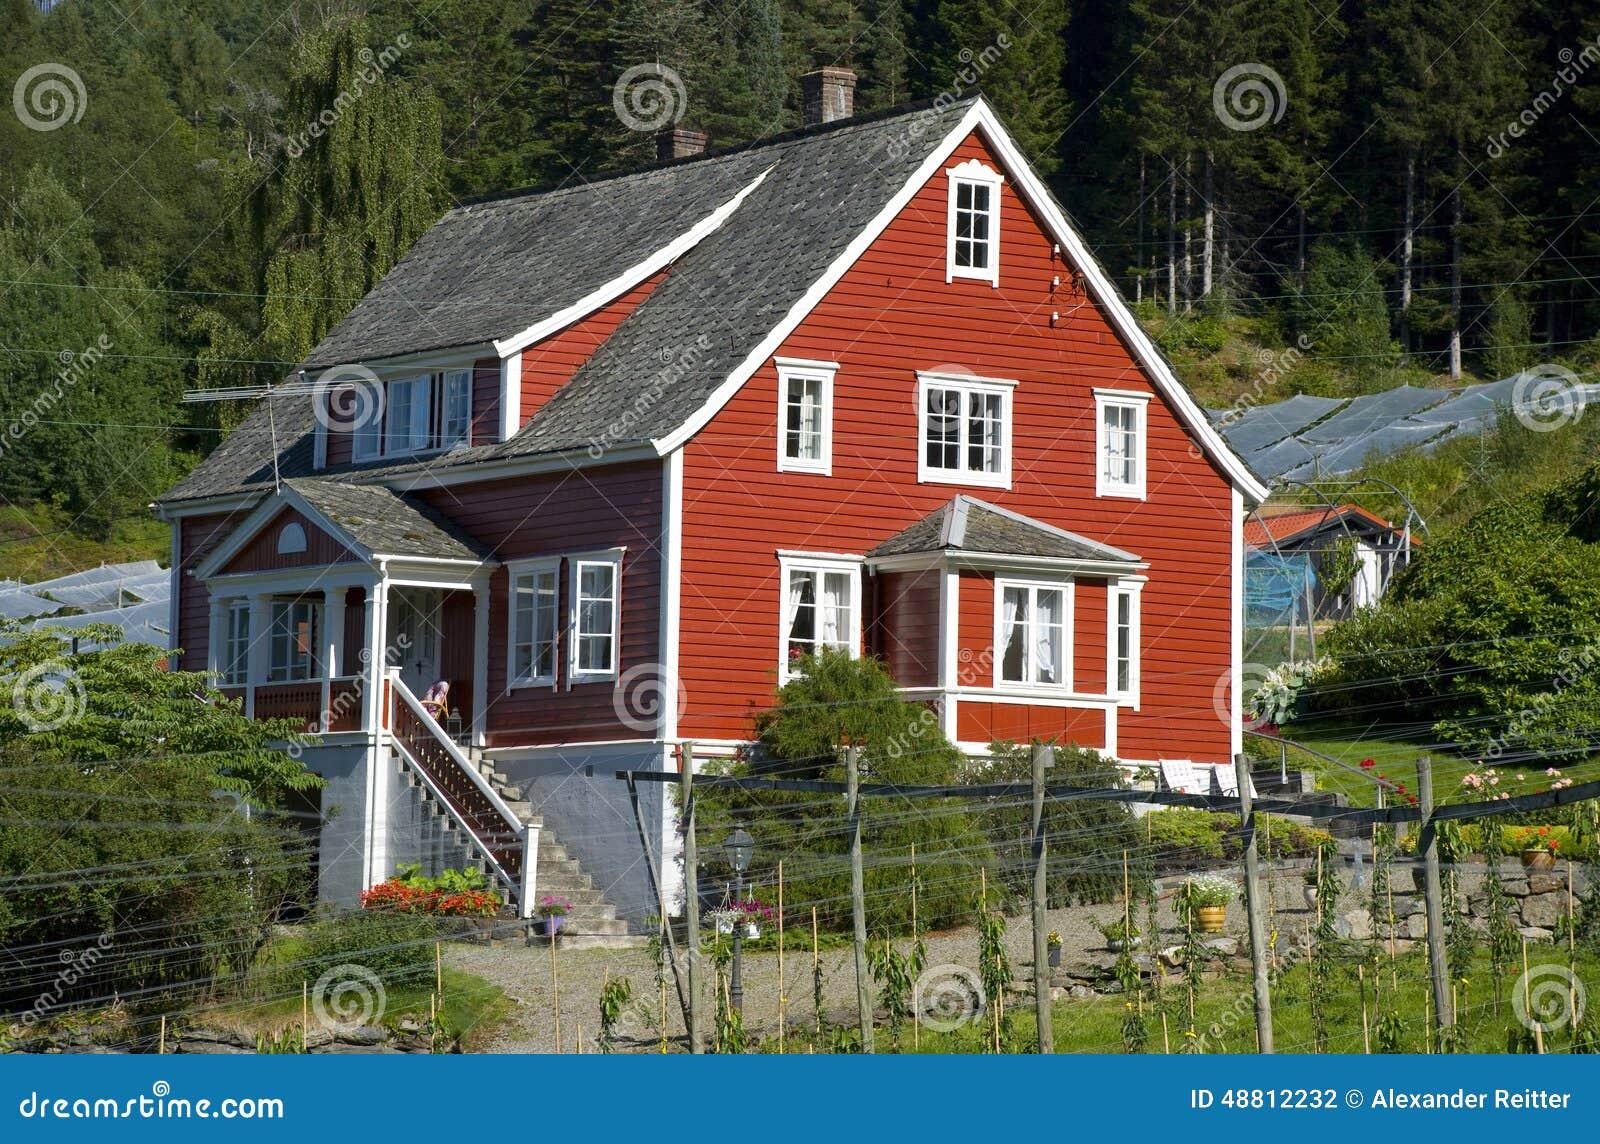 maison en bois norv gienne rouge classique scandinavie